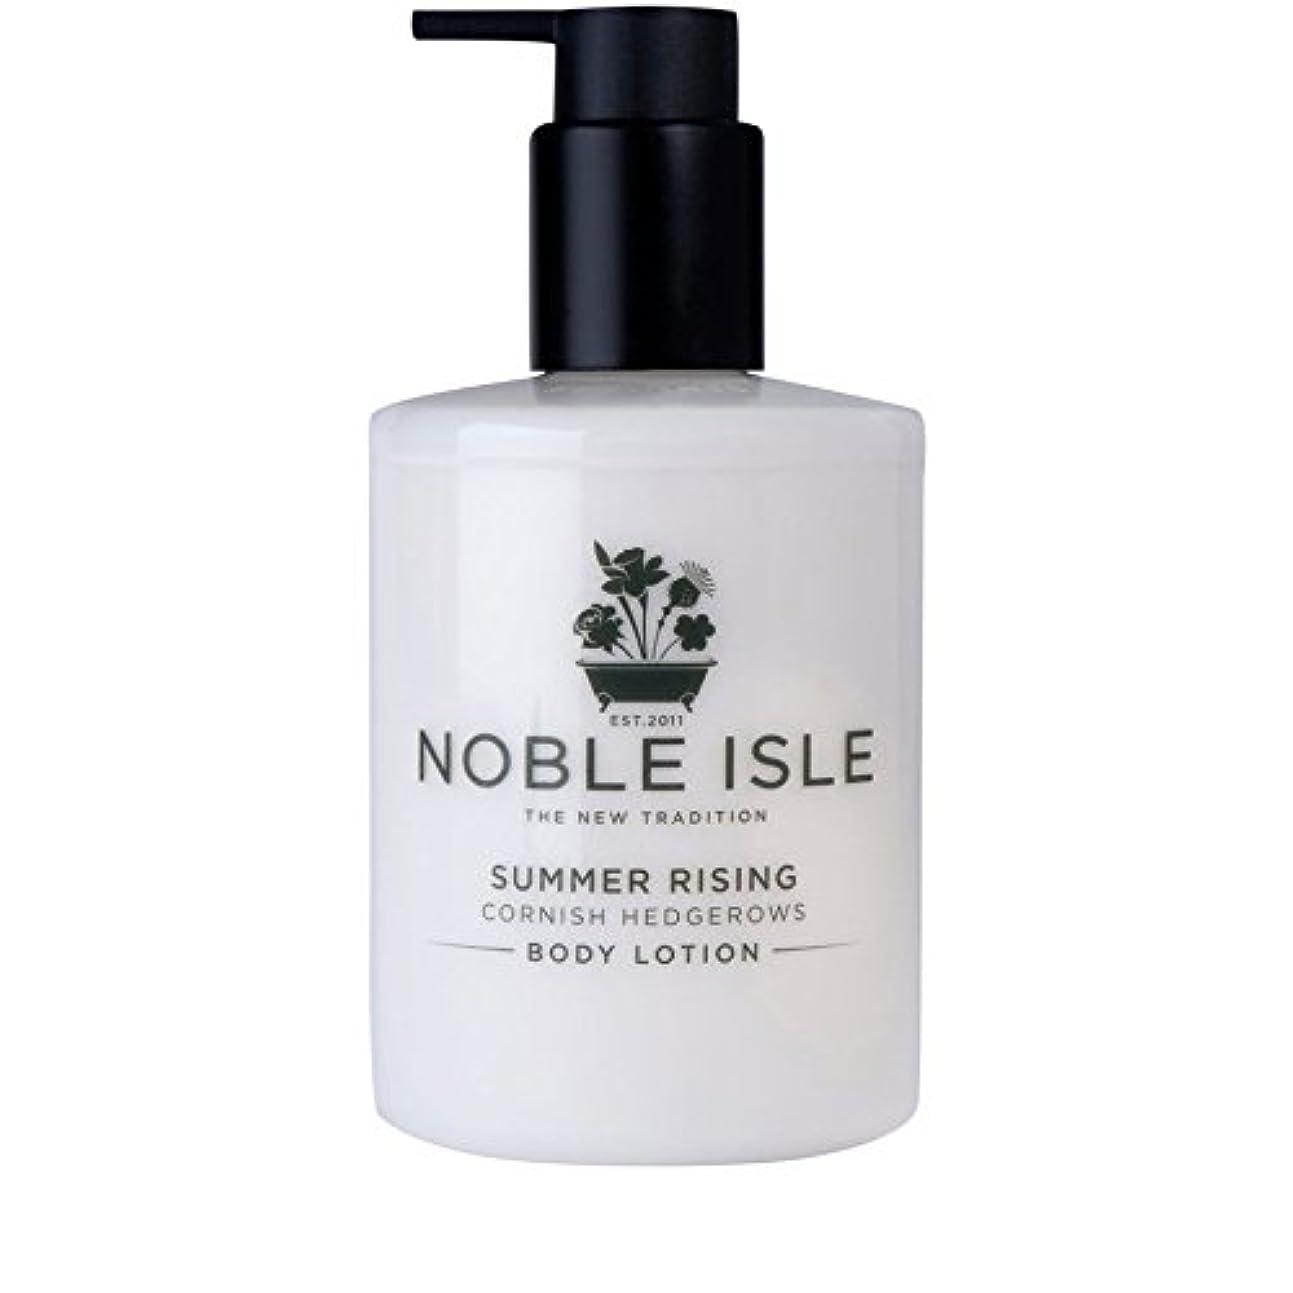 精神医学小康自己Noble Isle Summer Rising Cornish Hedgerows Body Lotion 250ml (Pack of 6) - コーニッシュ生け垣ボディローション250ミリリットルを上昇高貴な島の夏...